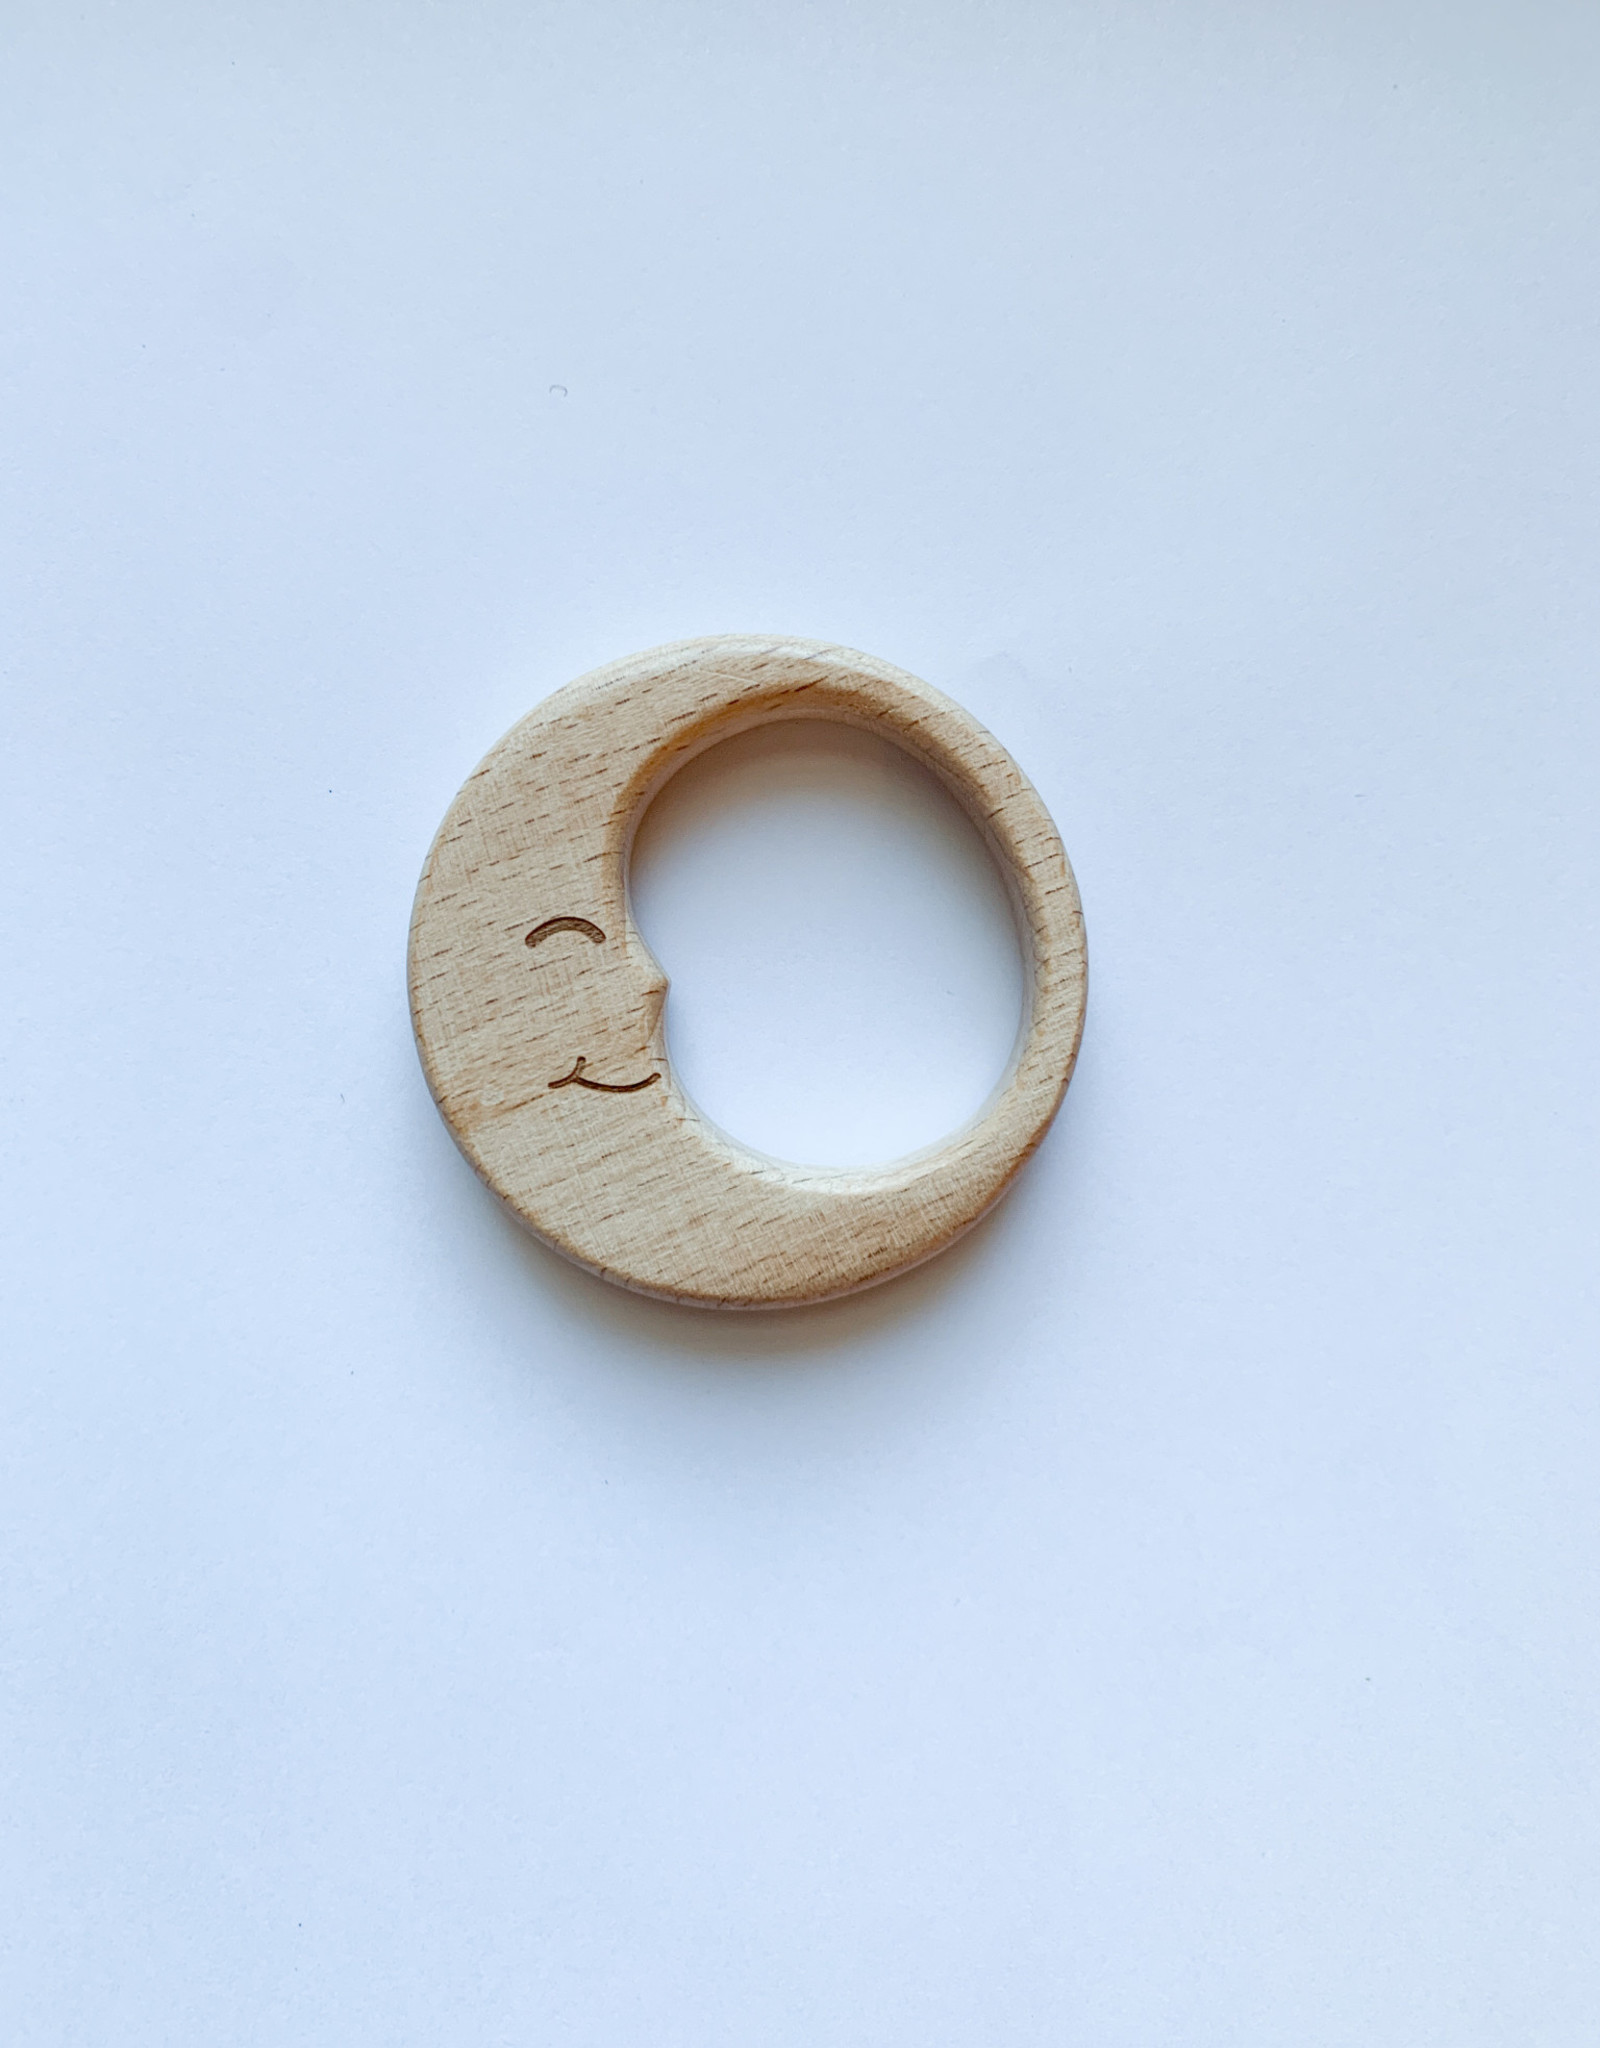 Wooden Moon Teether